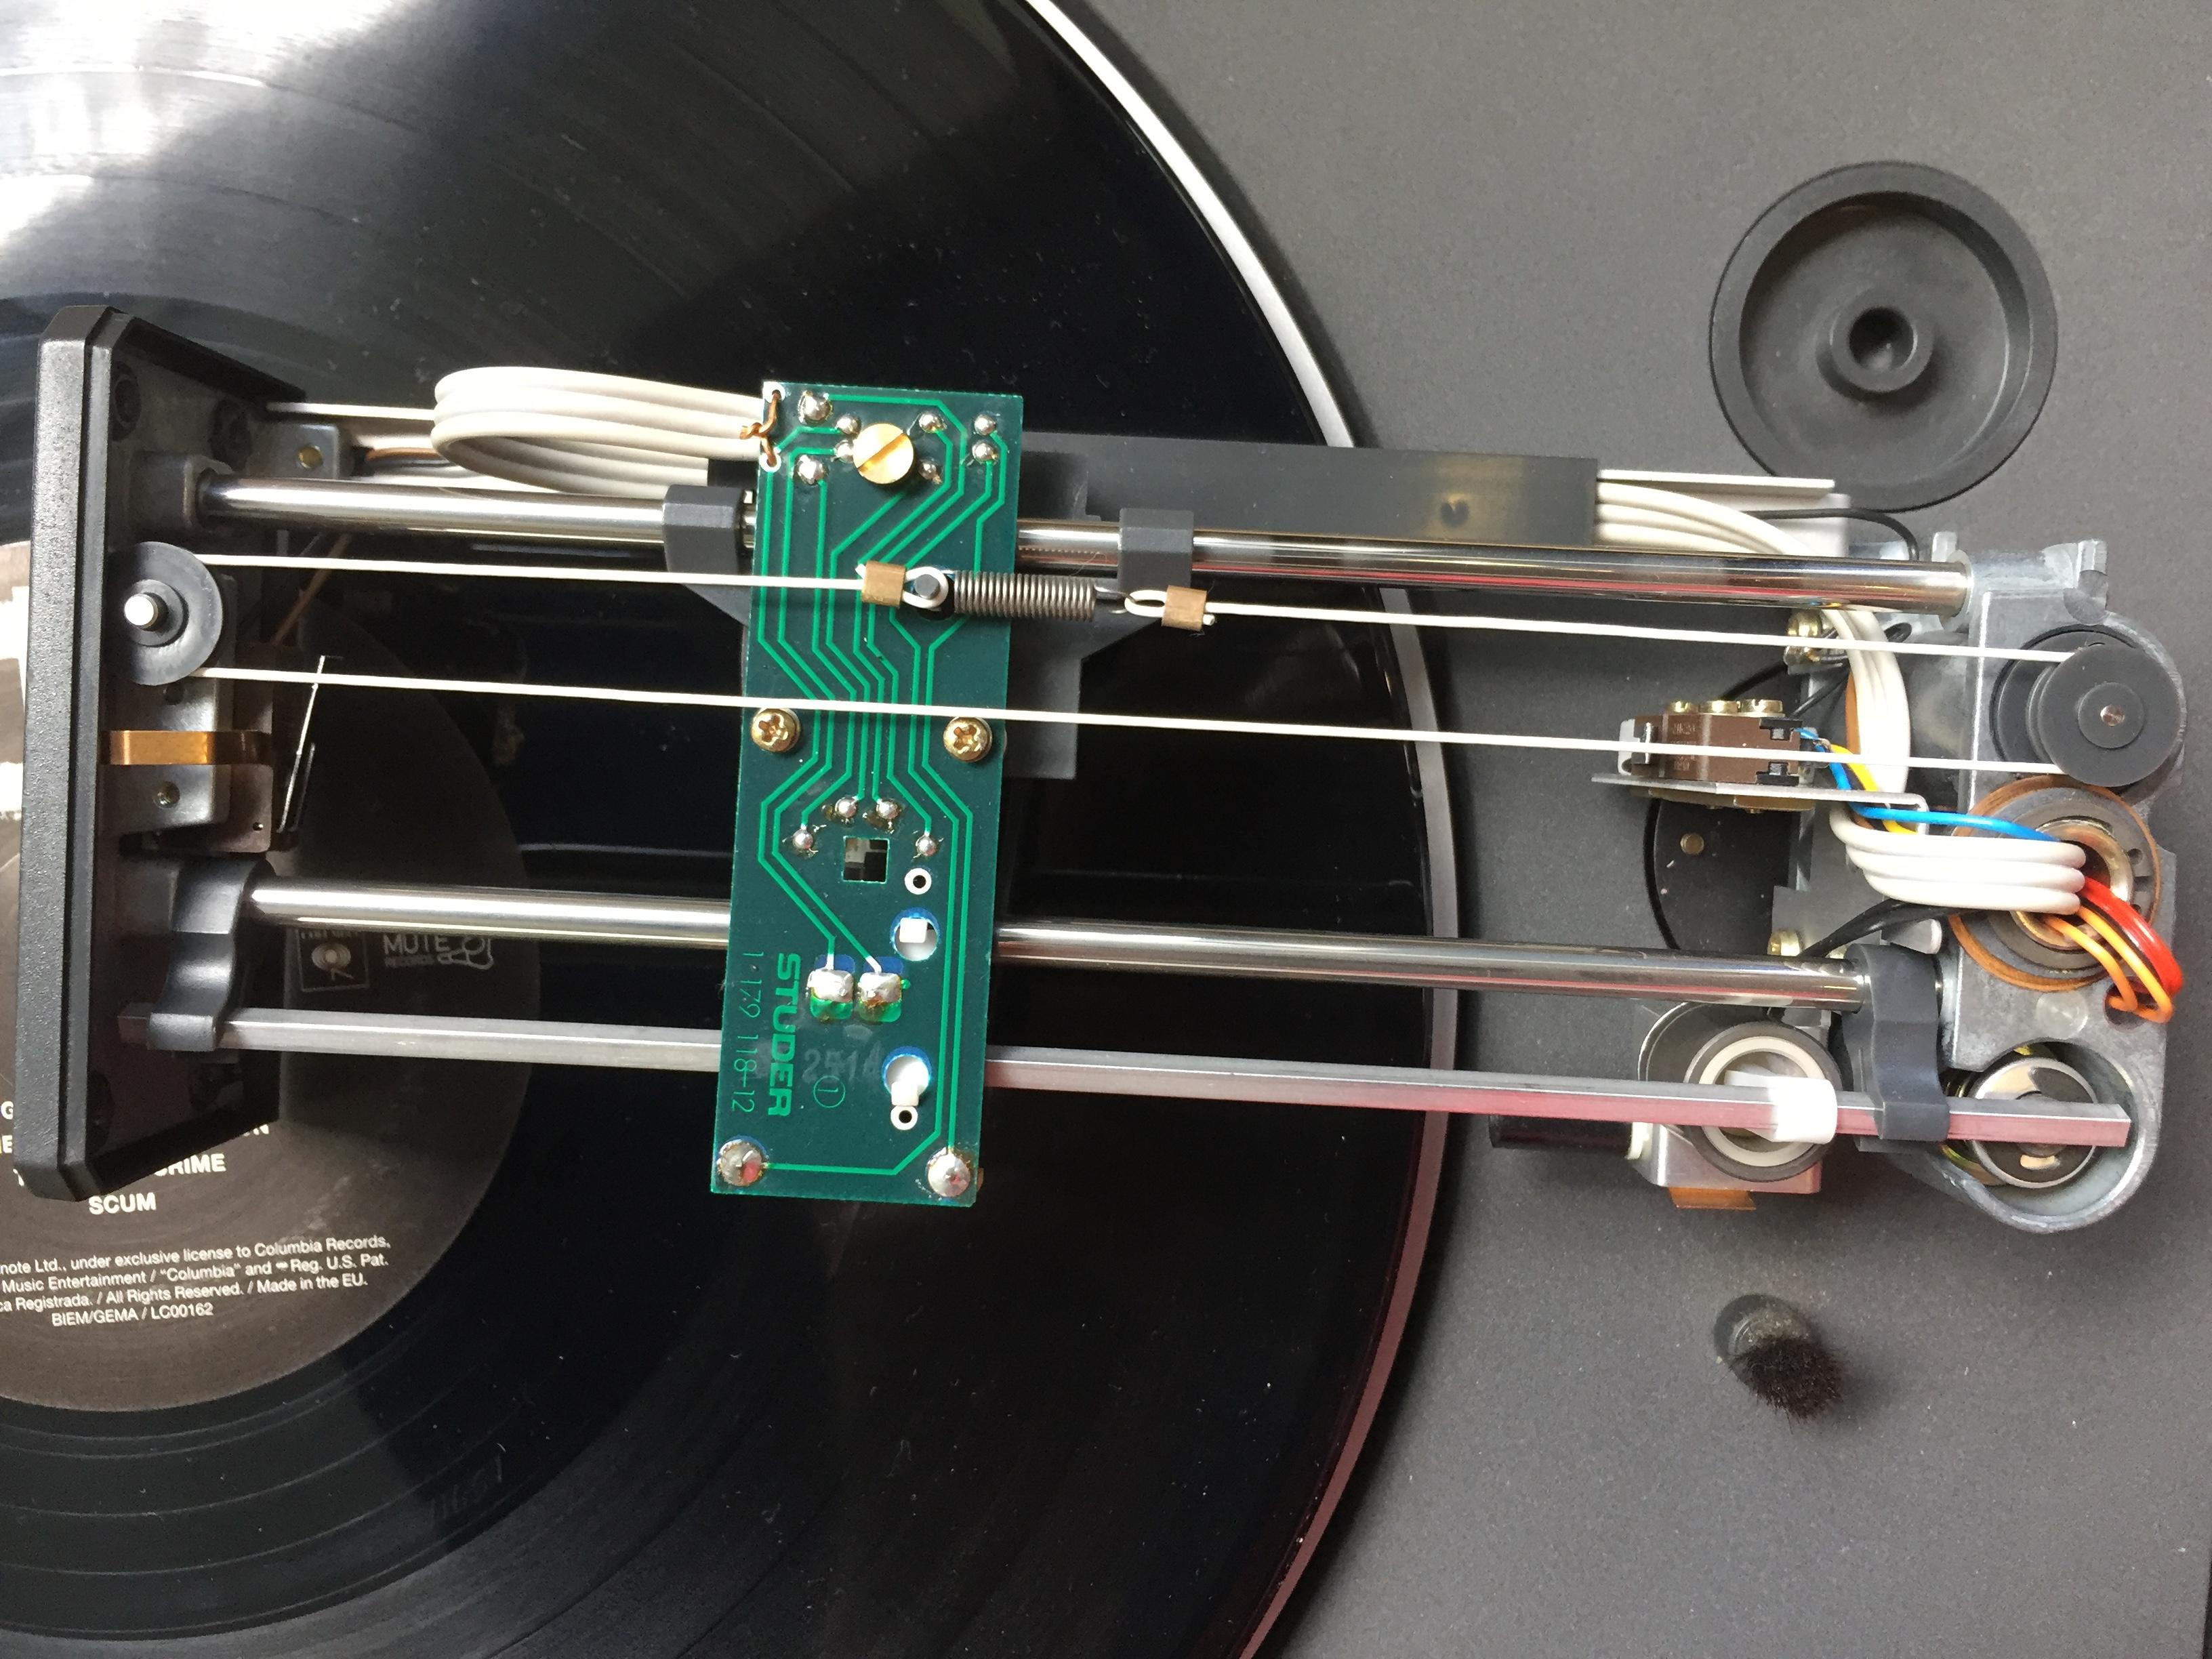 ReVox B795 B791 B790 Plattenspieler Linatrac 2